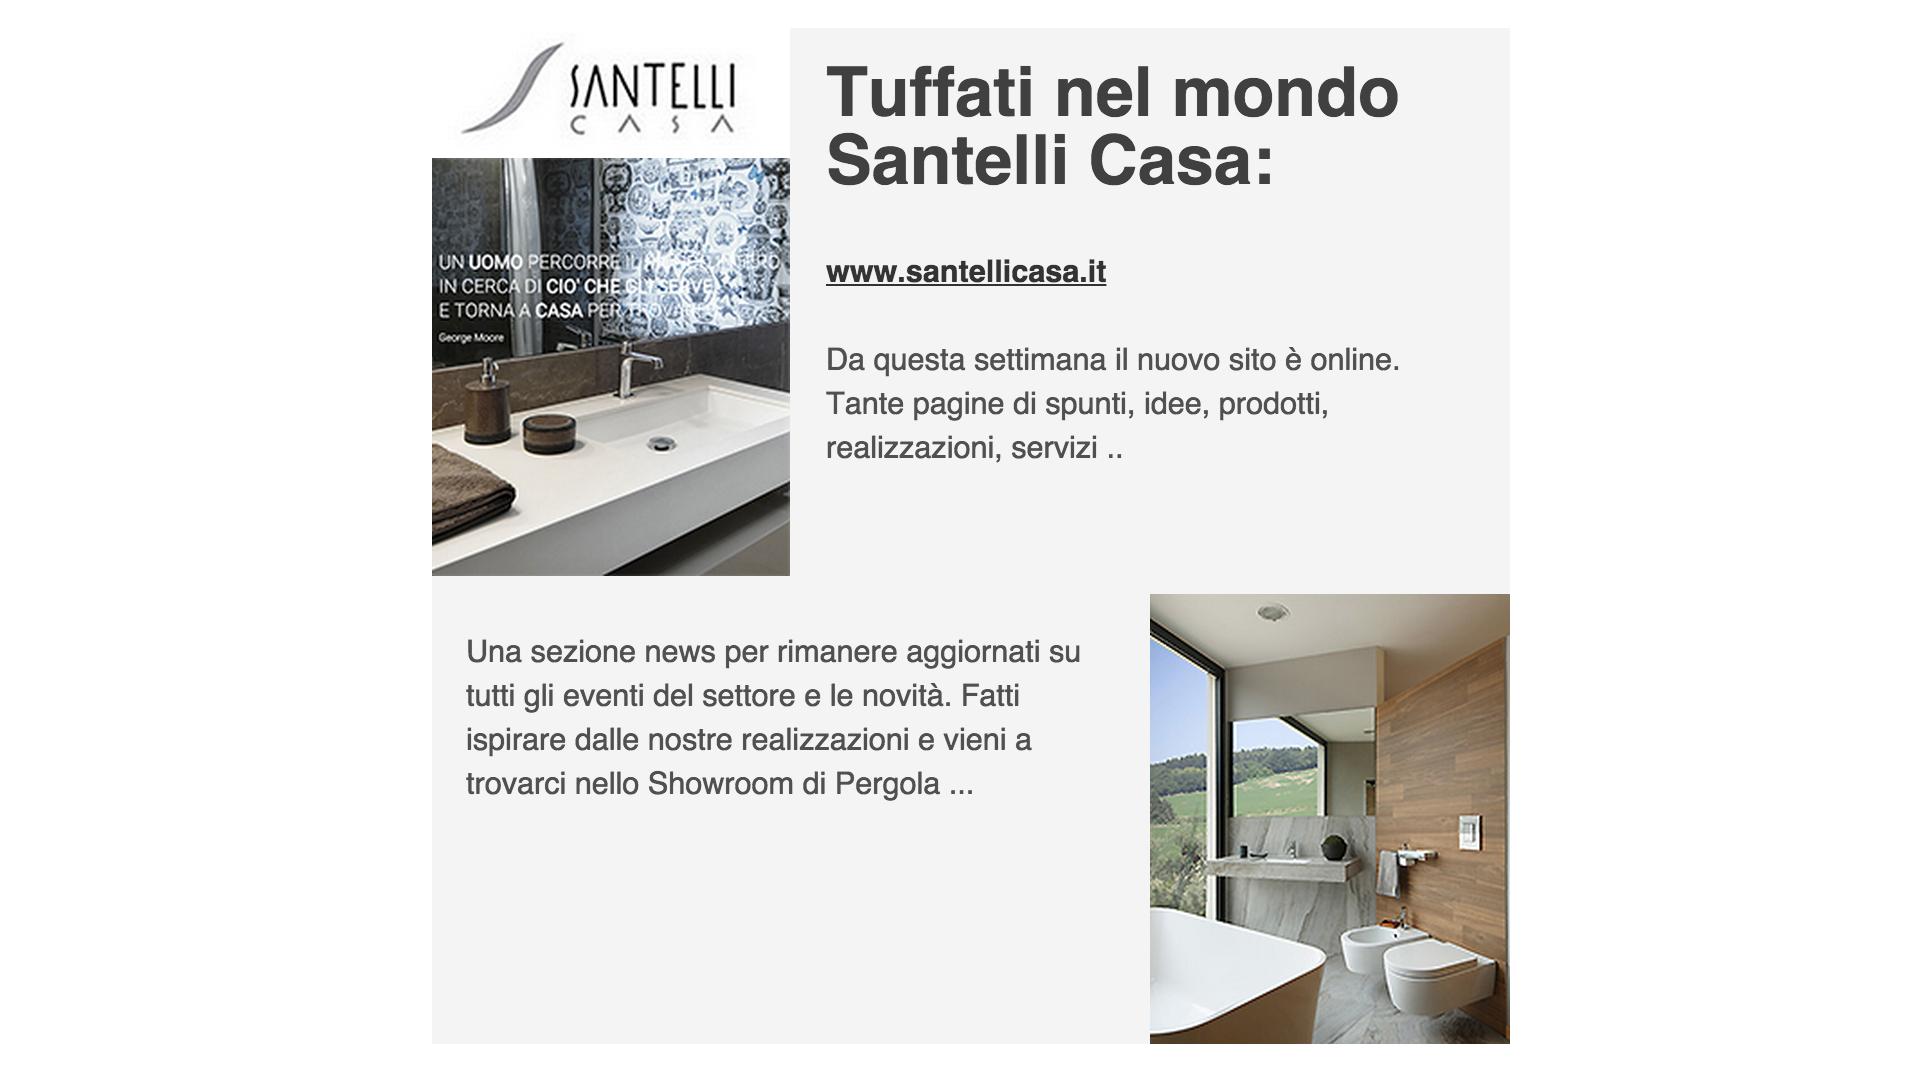 Santelli Casa News nuovo sito web